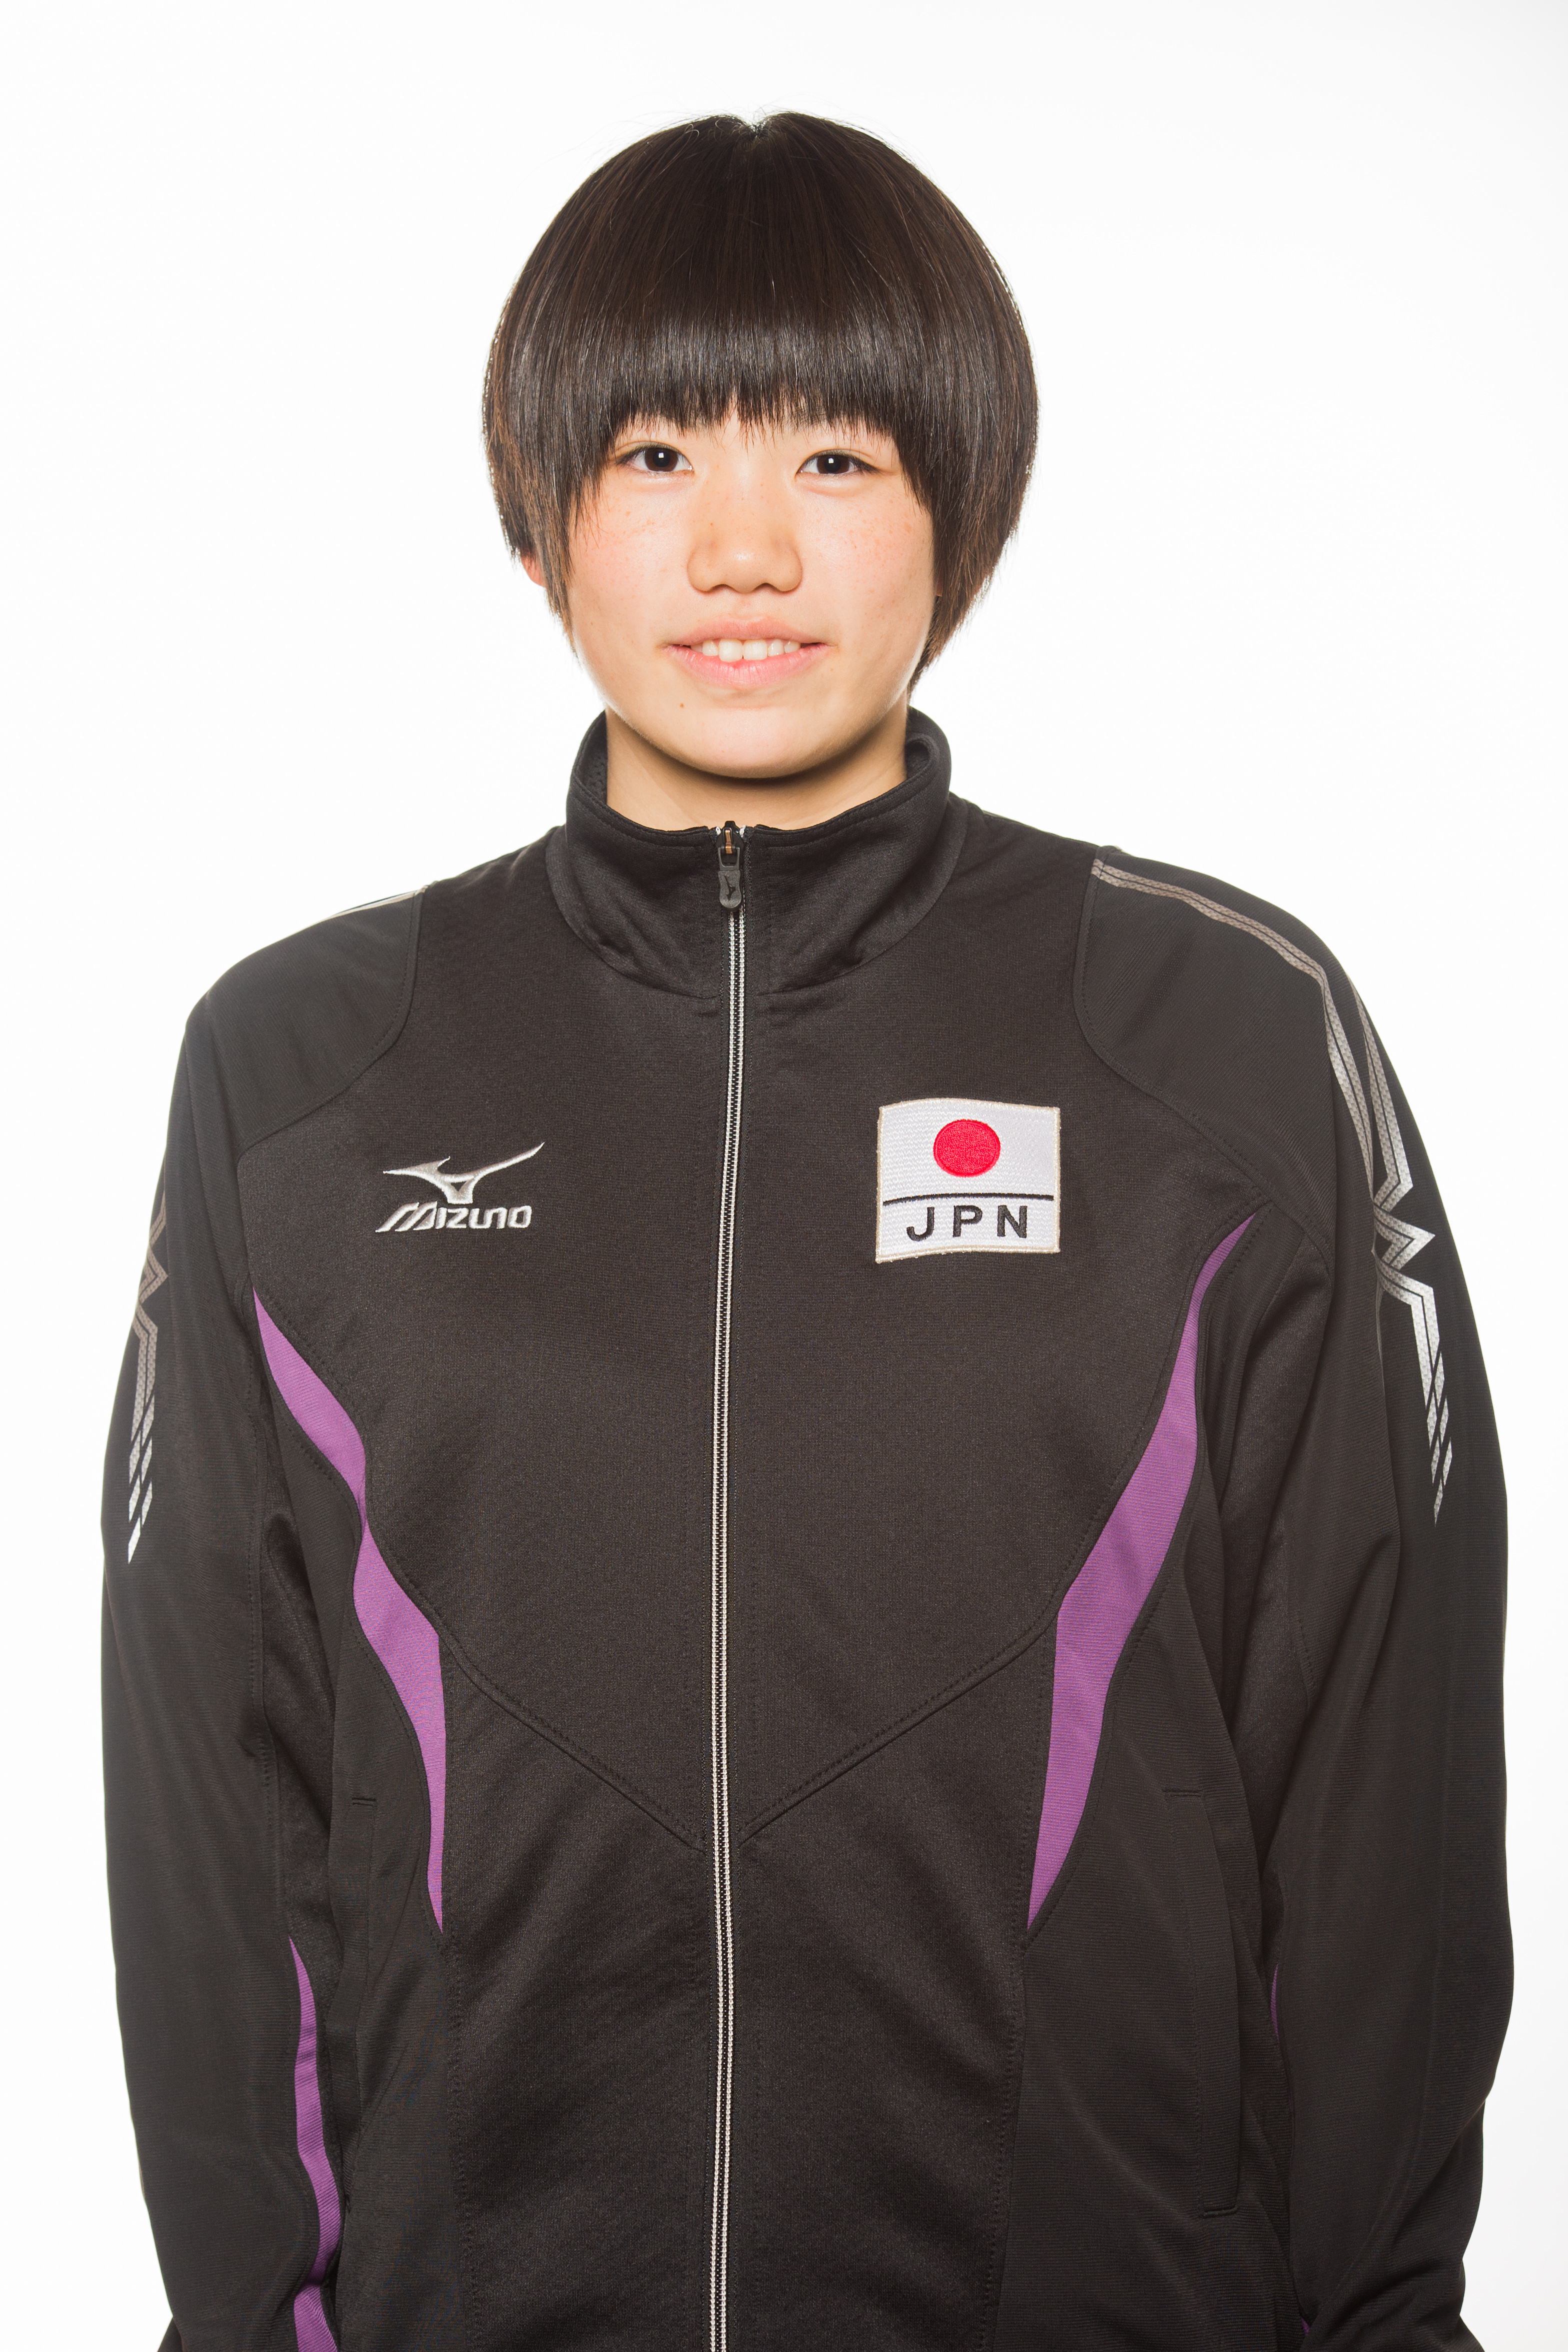 Haruka Maruo